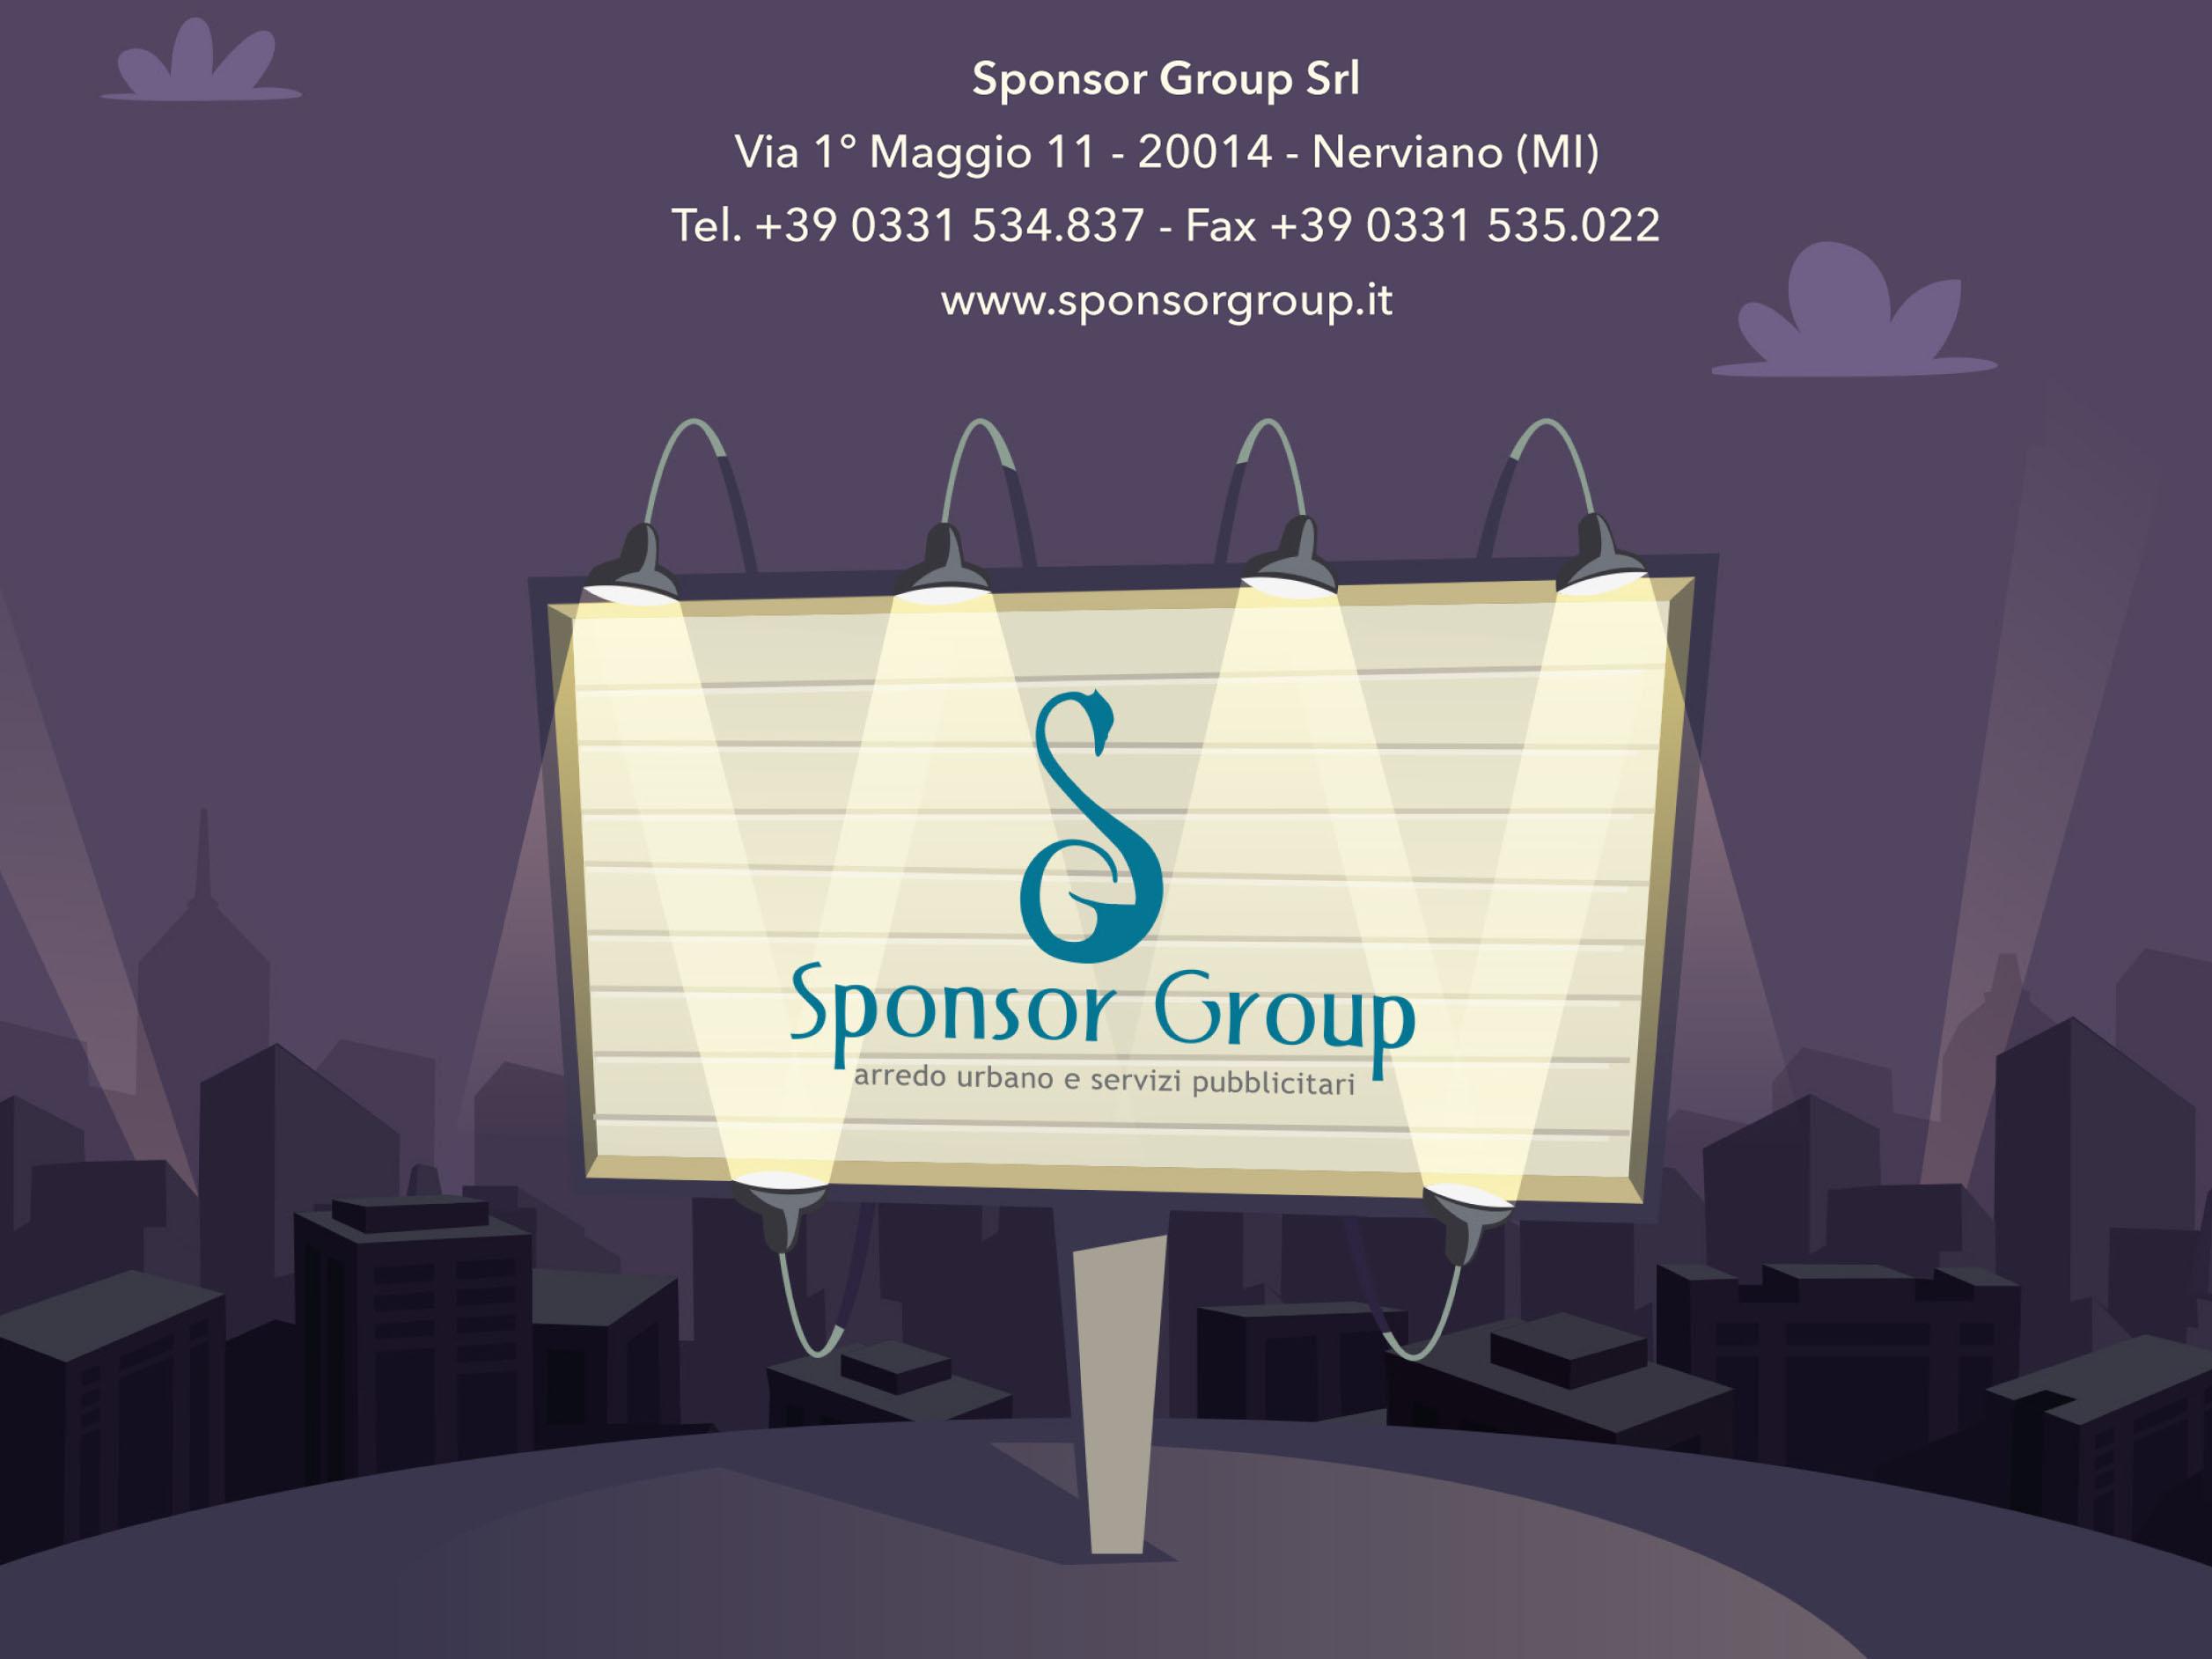 Sponsor Group Srl Noleggio Impianti Pubblicitari